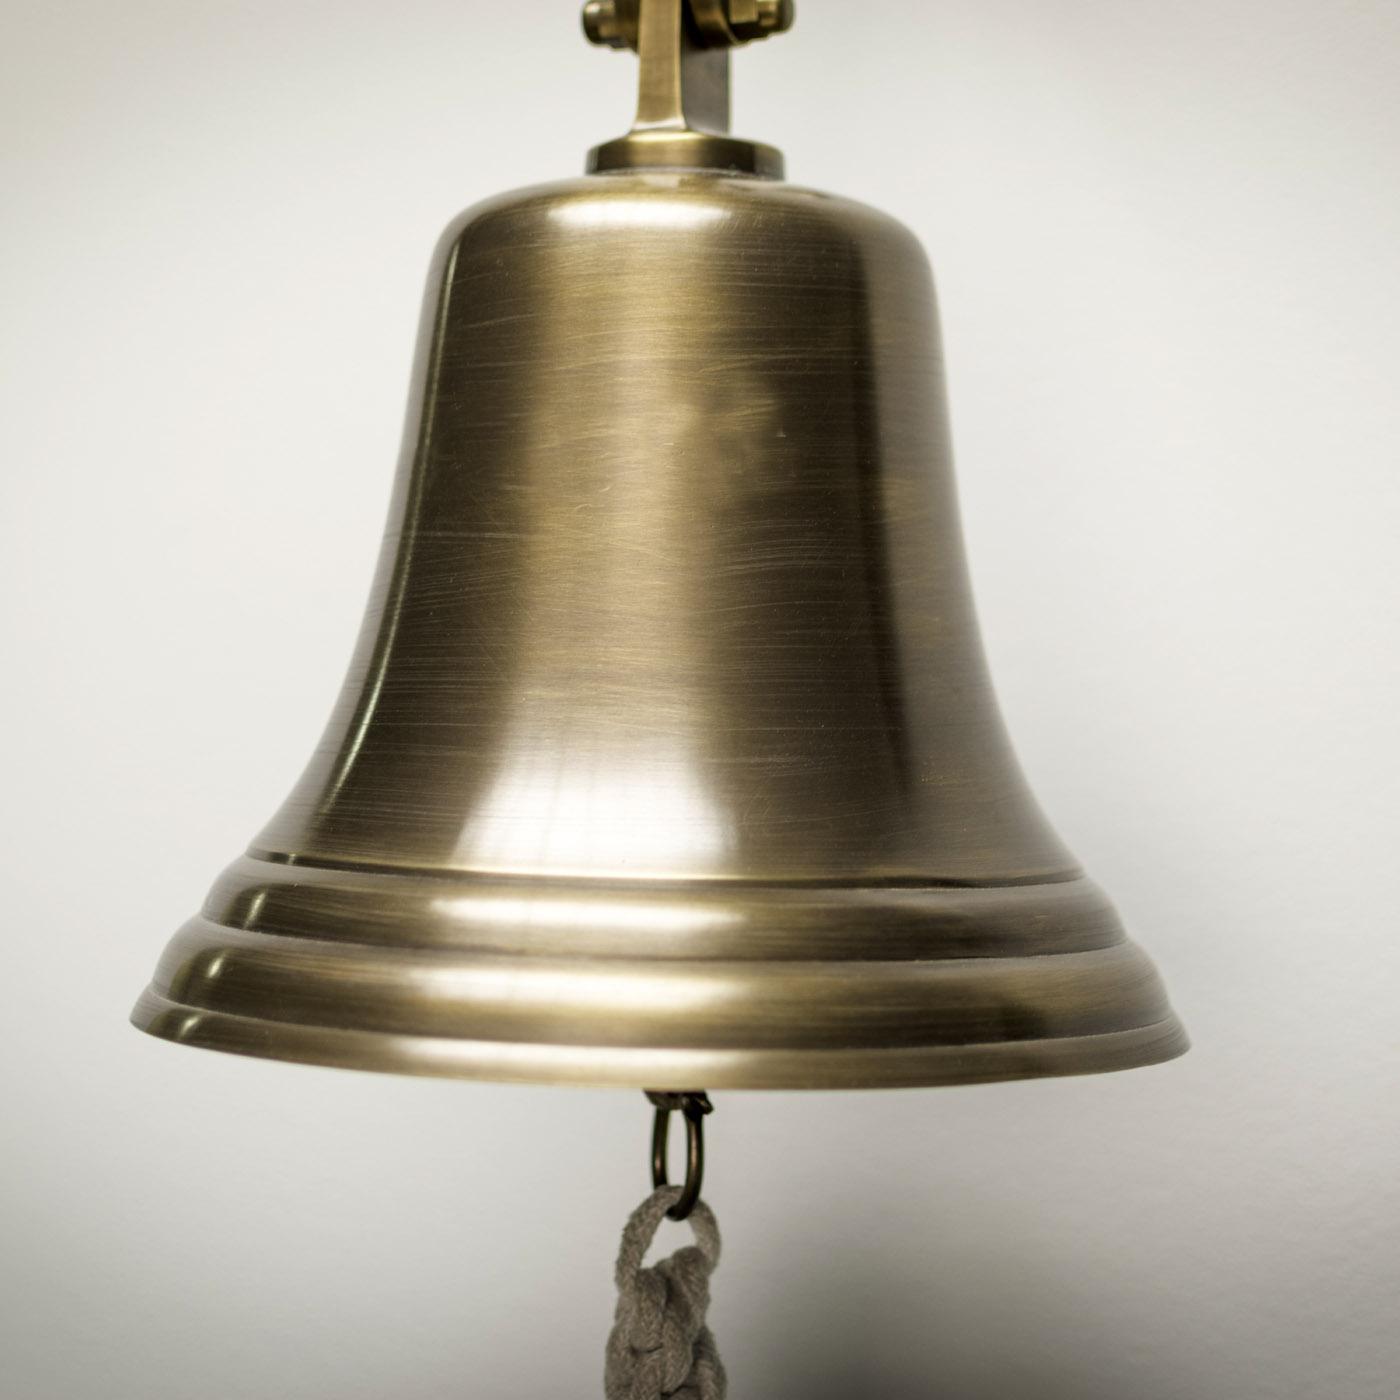 Brass Ship Bell Church Bell Wall Mounted Brass Bell Buy